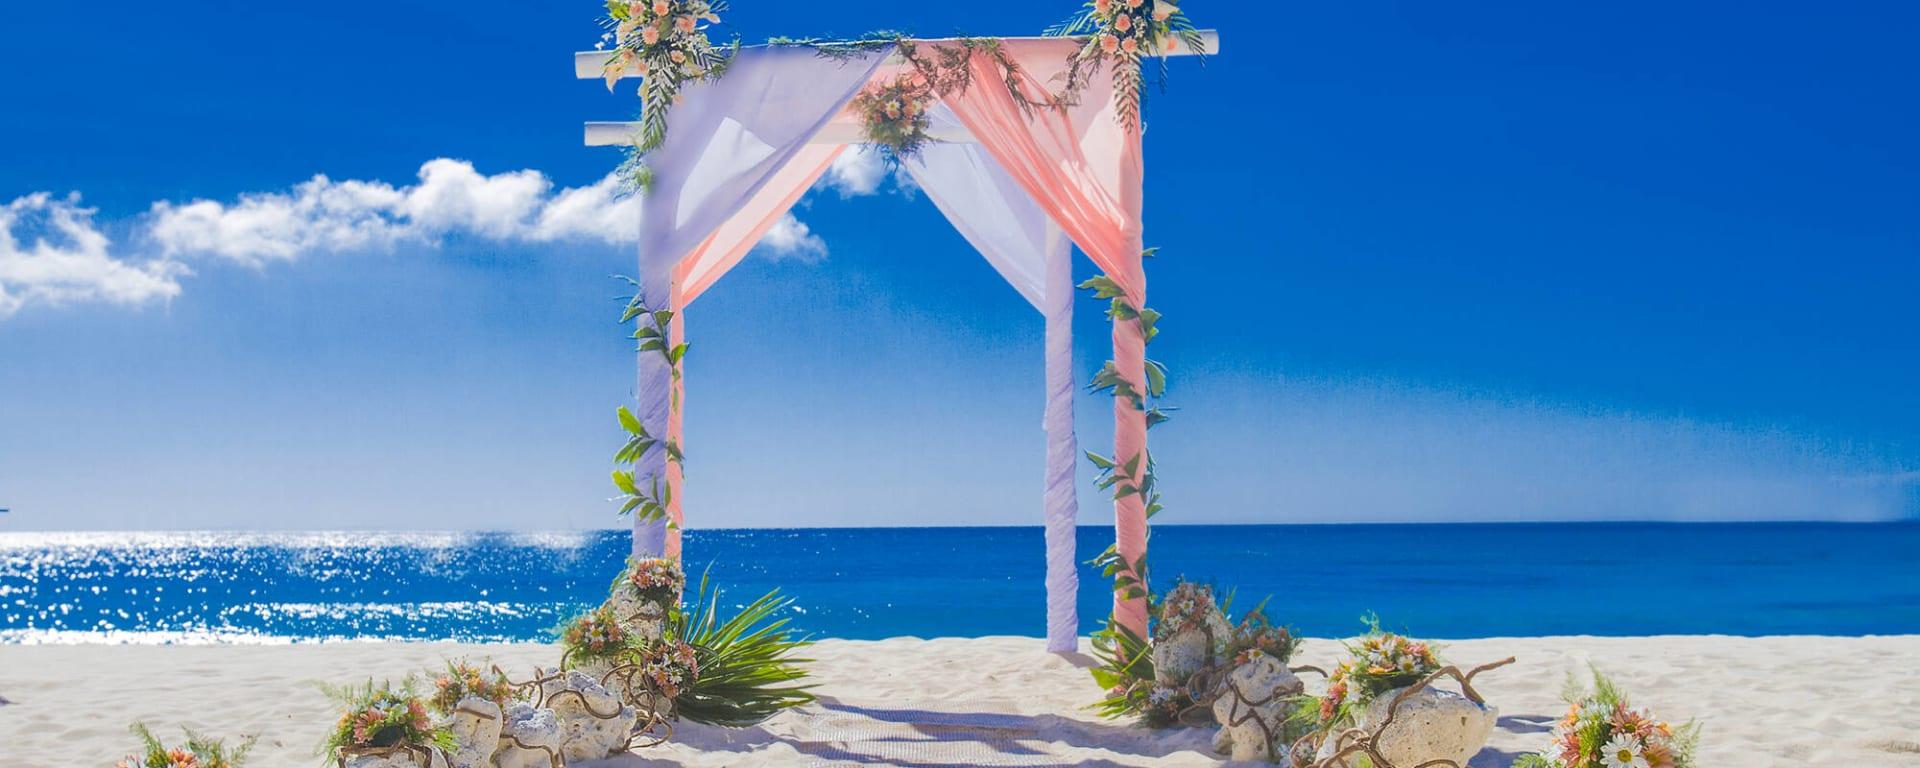 Mauritius entdecken mit Tischler Reisen: Mauritius Strand Hochzeit